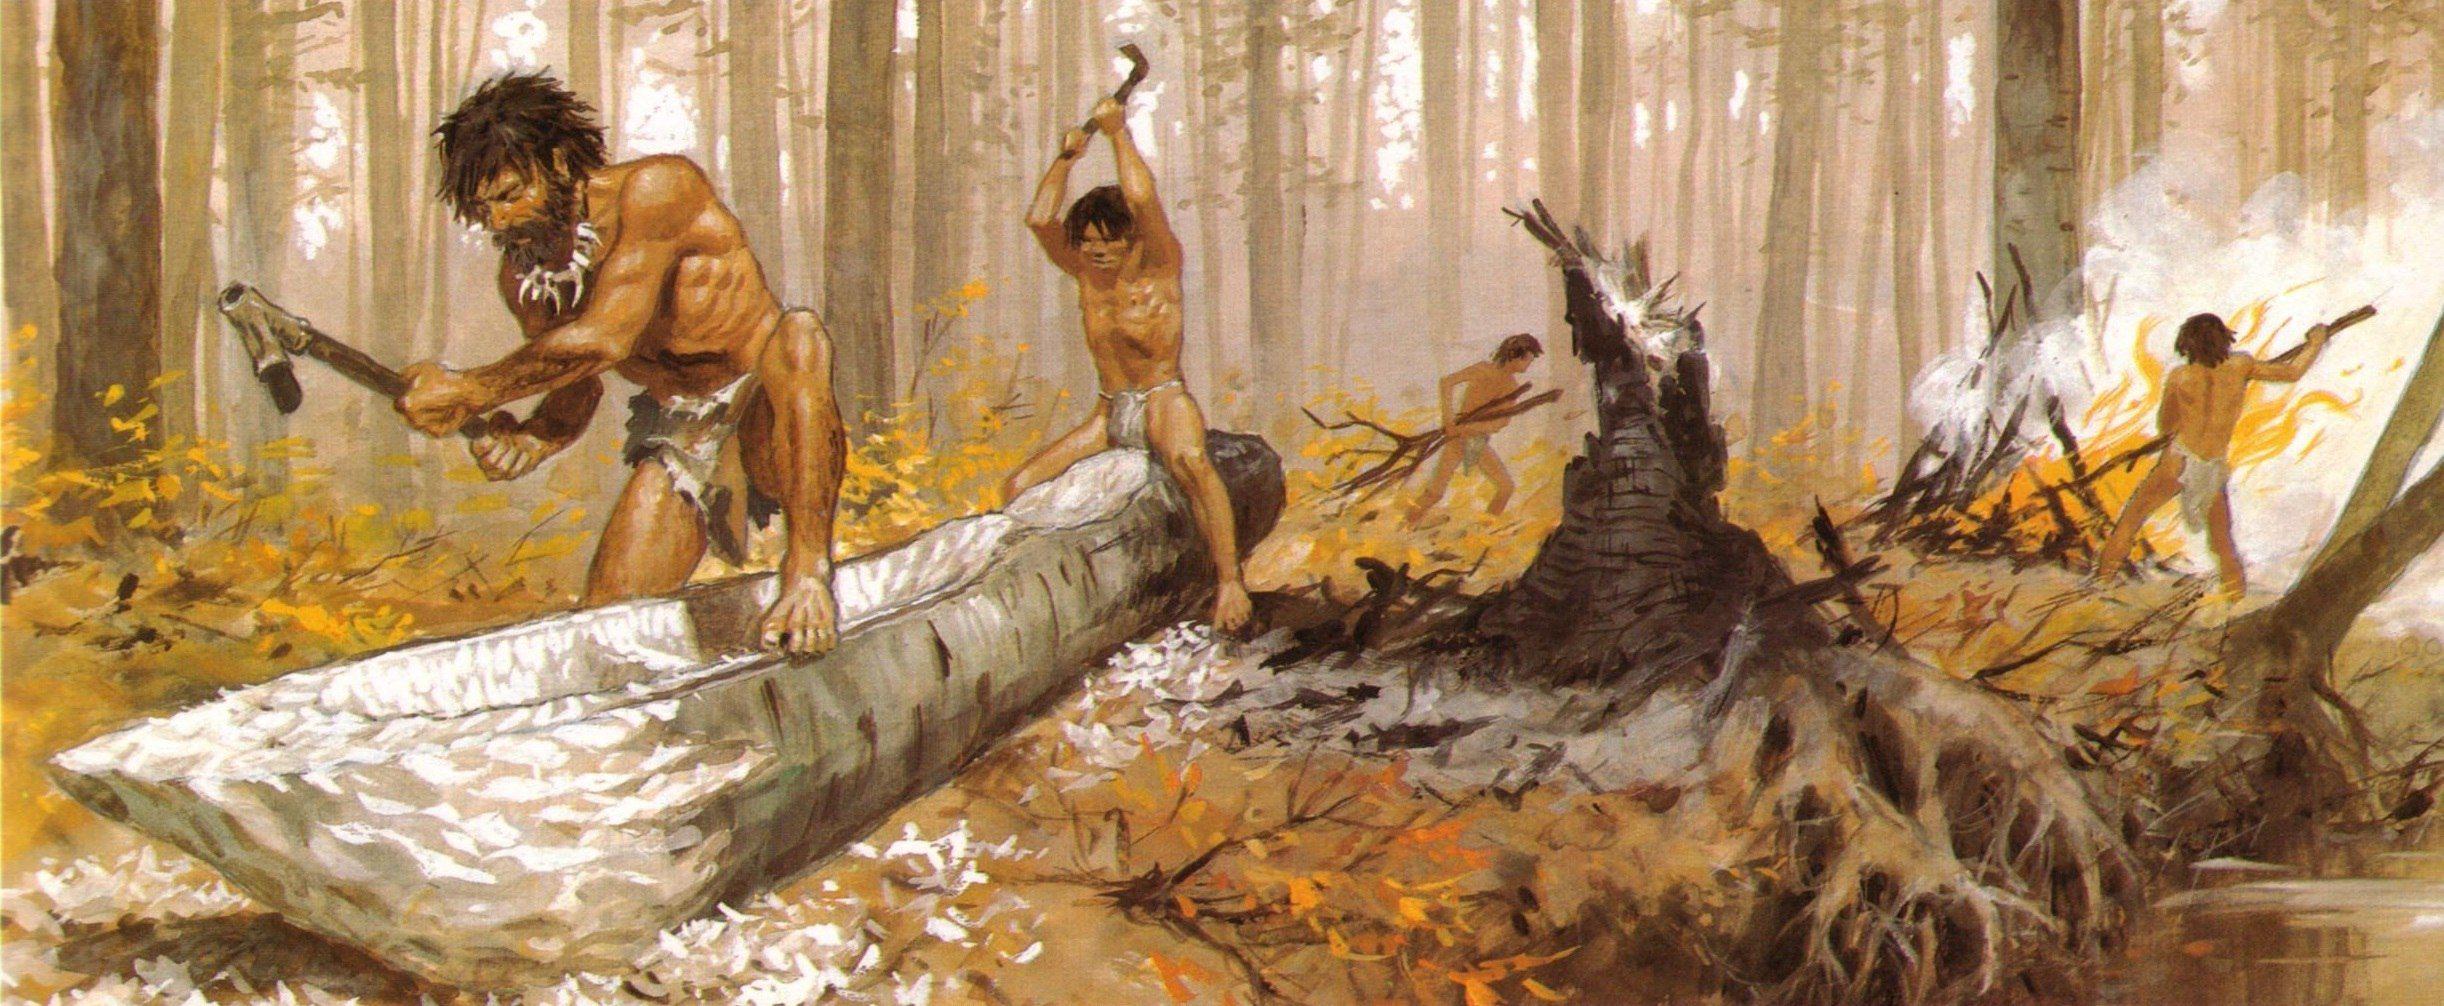 известен первобытность лес картинки часто